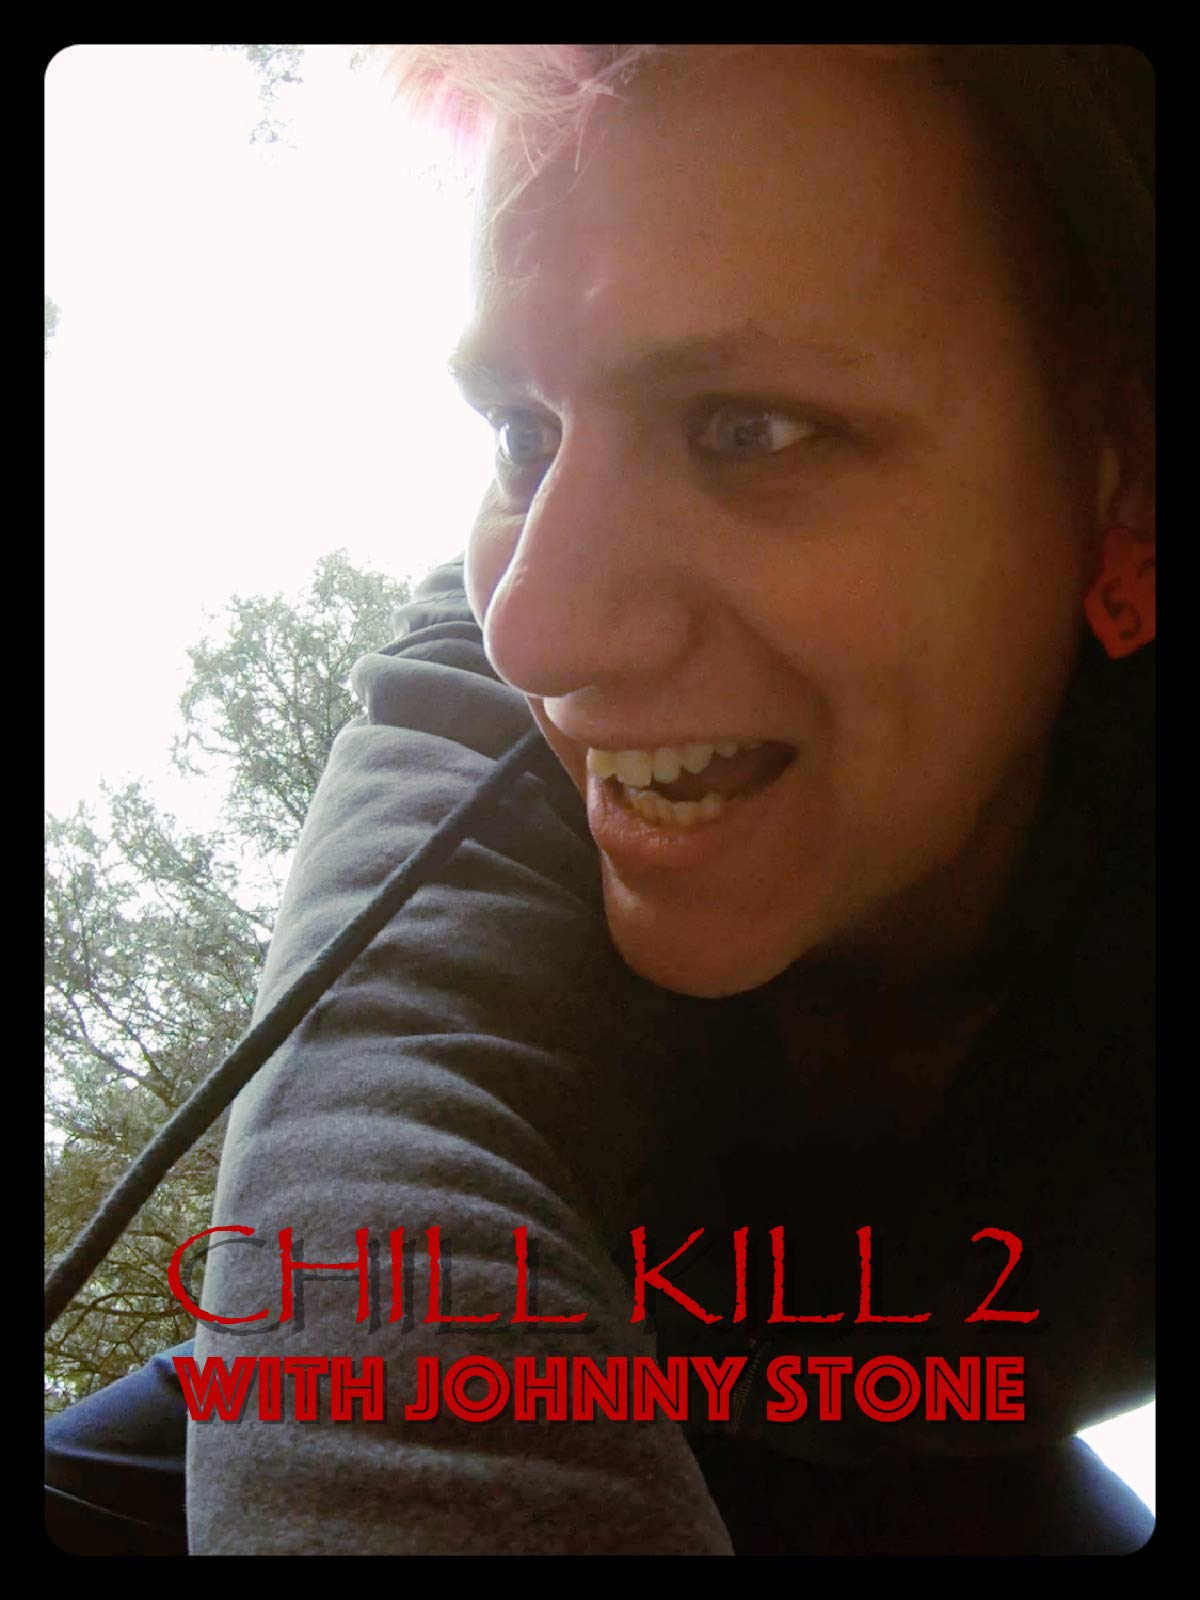 Chill Kill 2 with Johnny Stone